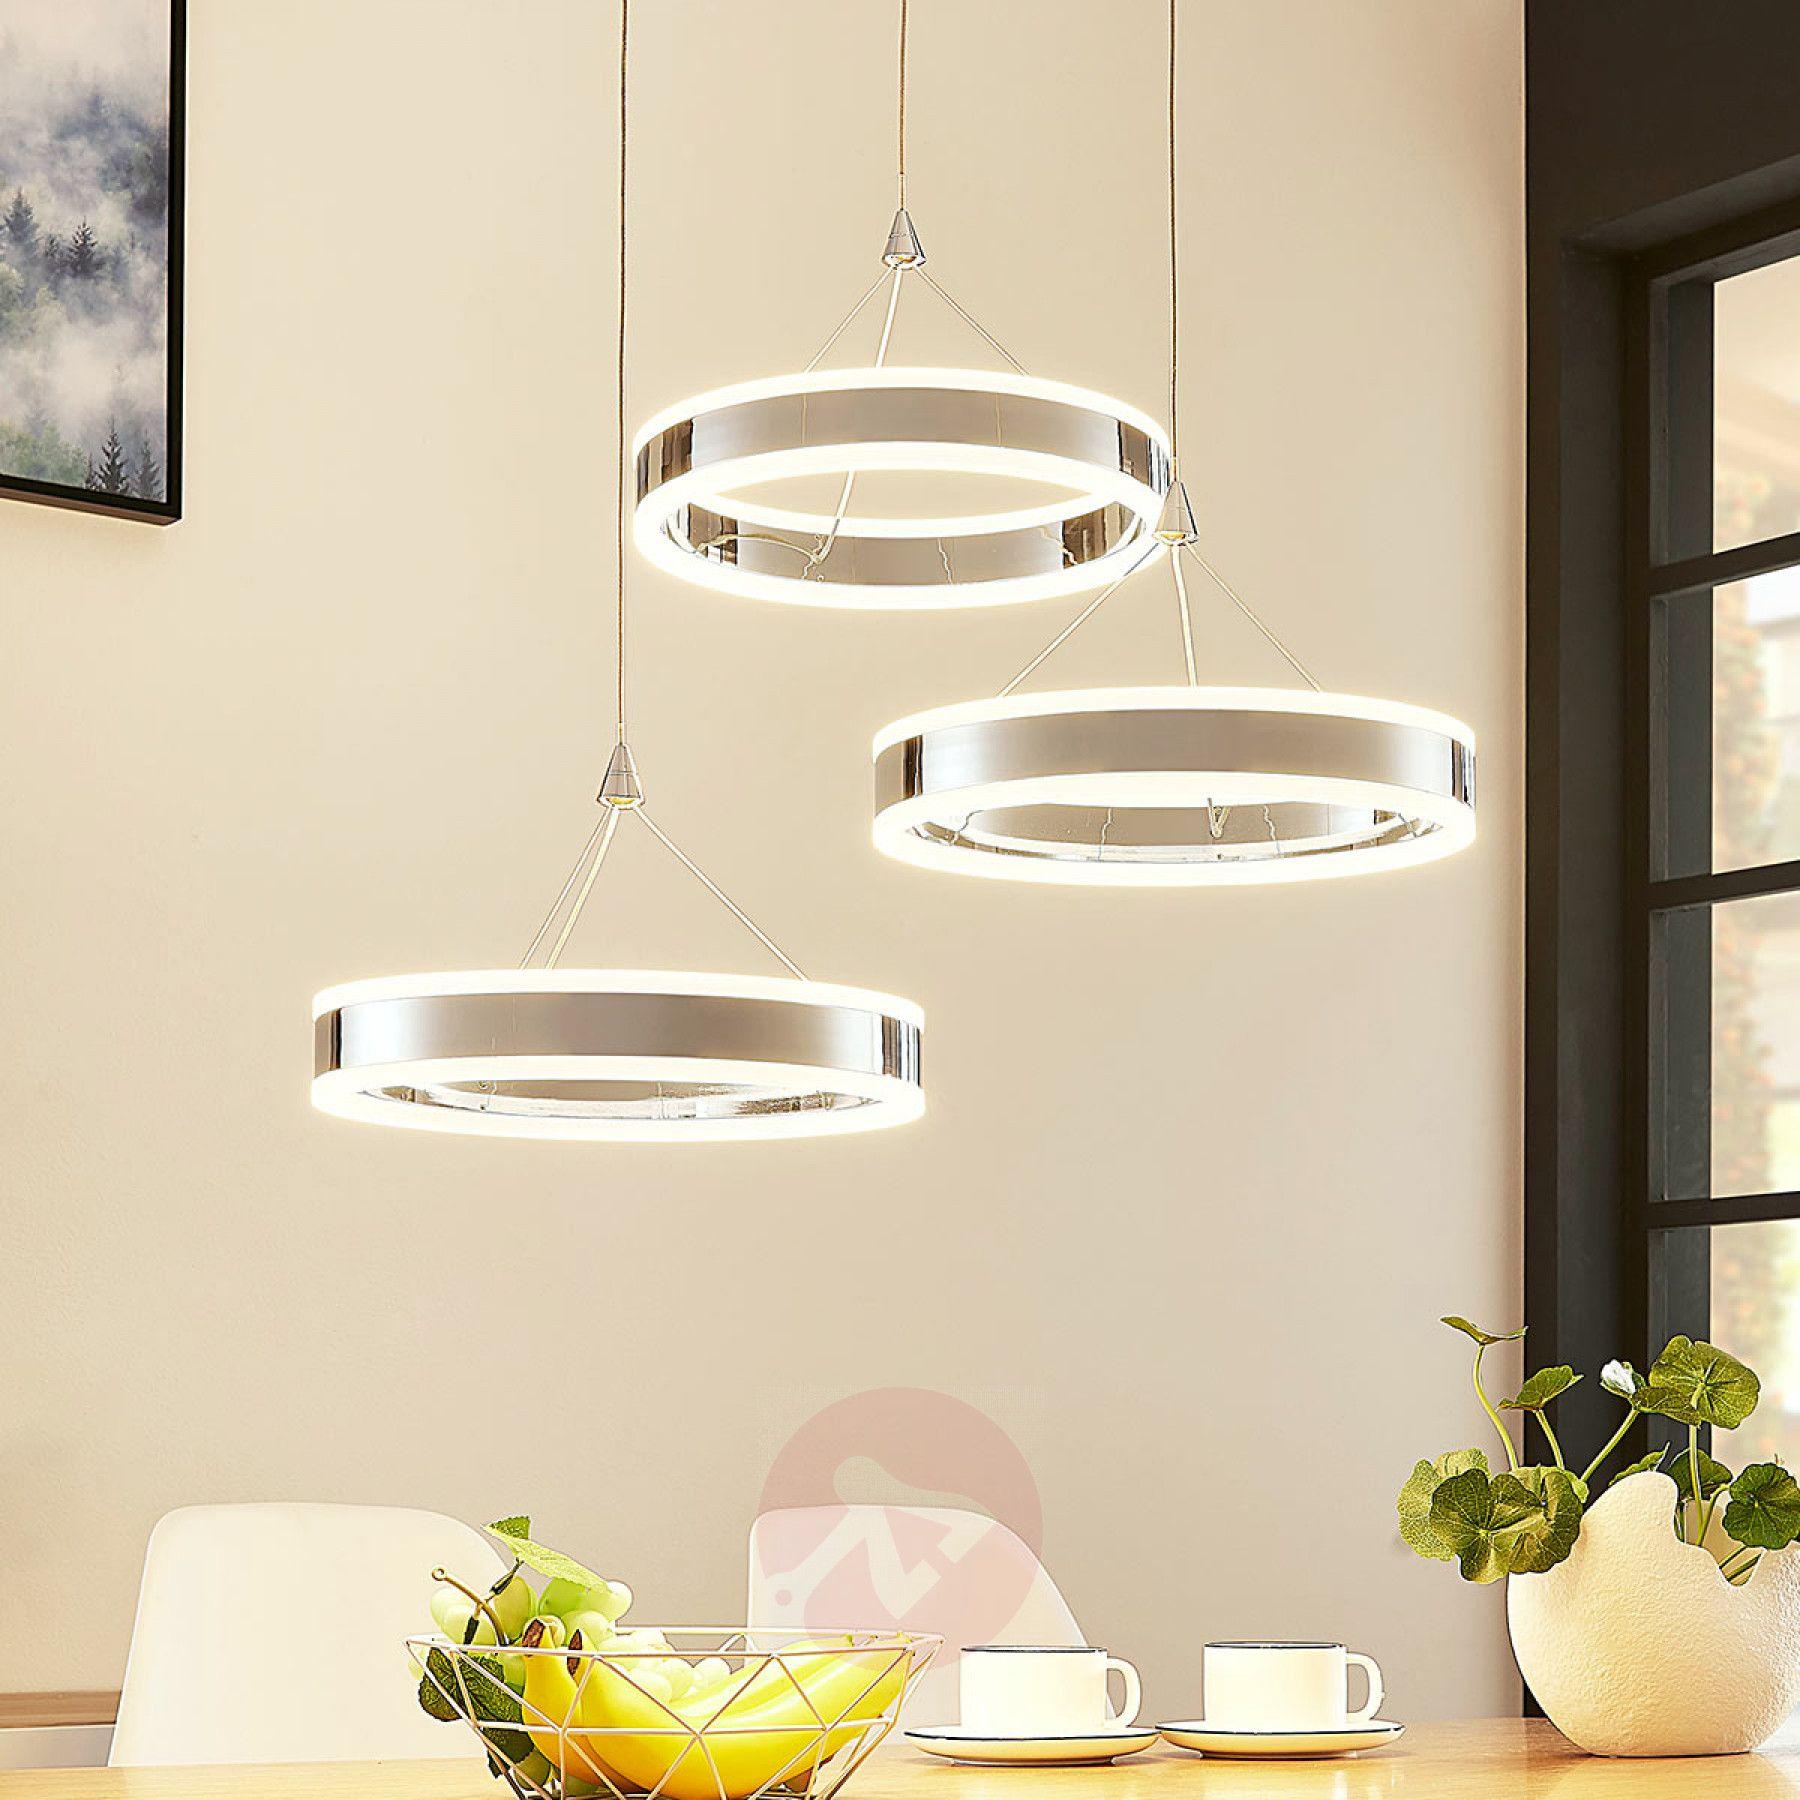 Led Pendellampe Lyani 3 Ringe Hohe Verschieden Pendellampen Beleuchtung Wohnzimmer Anhanger Lampen